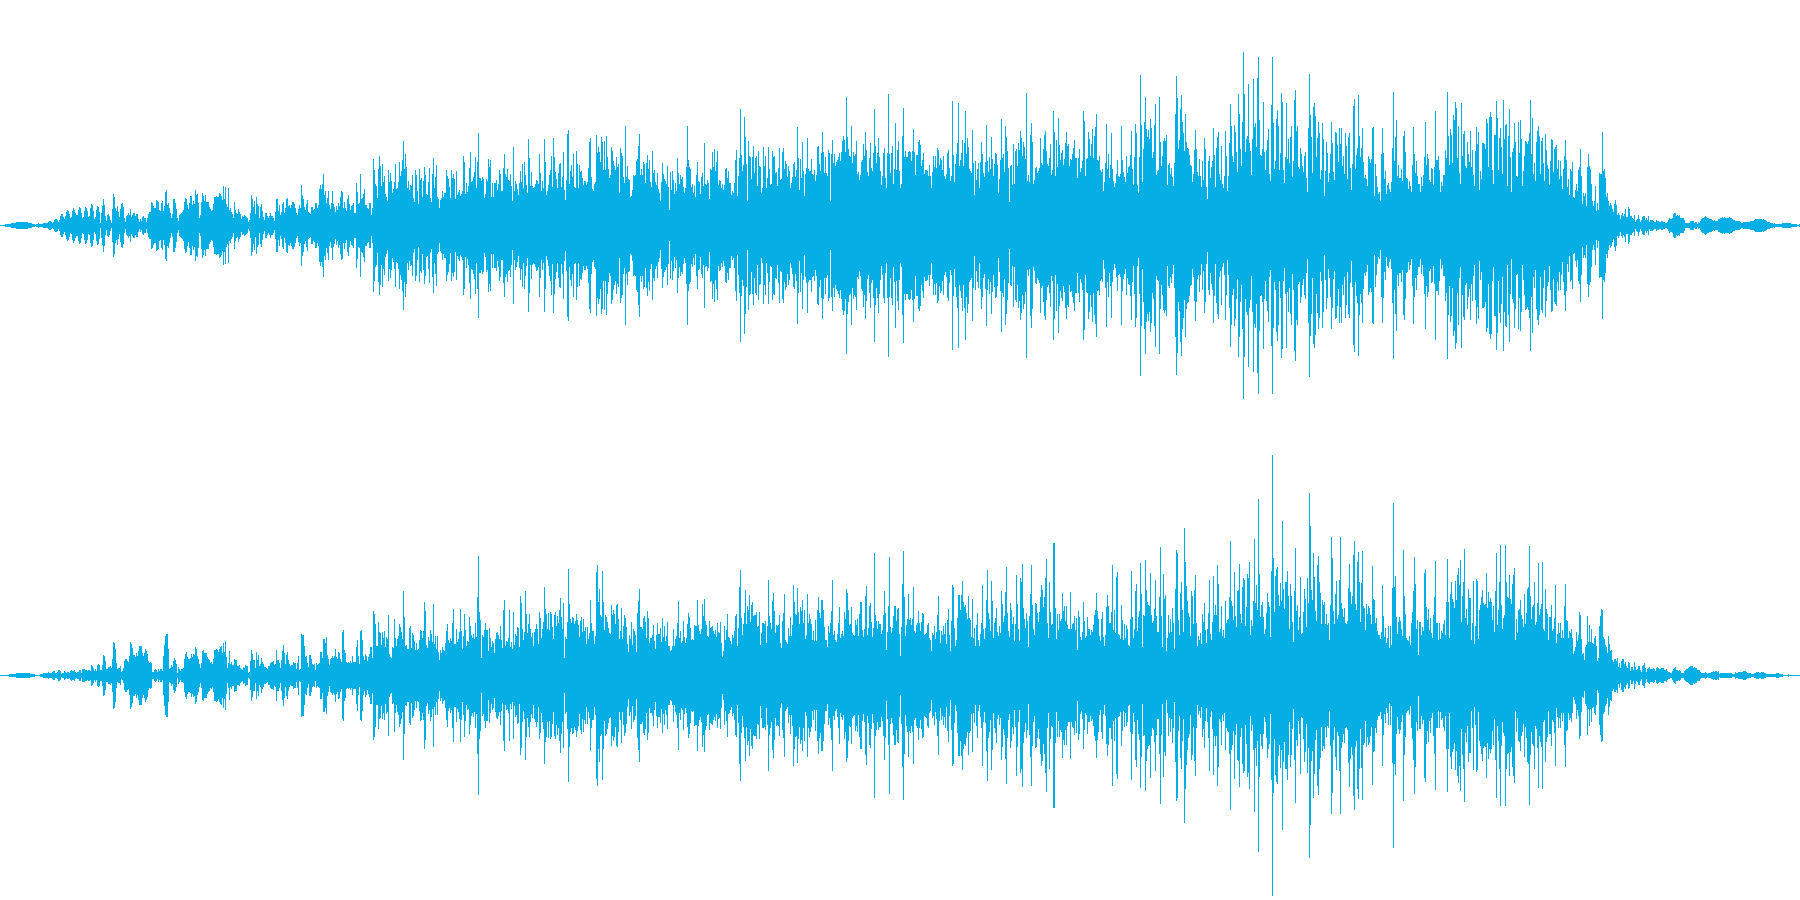 うりぼうの鳴き声の再生済みの波形